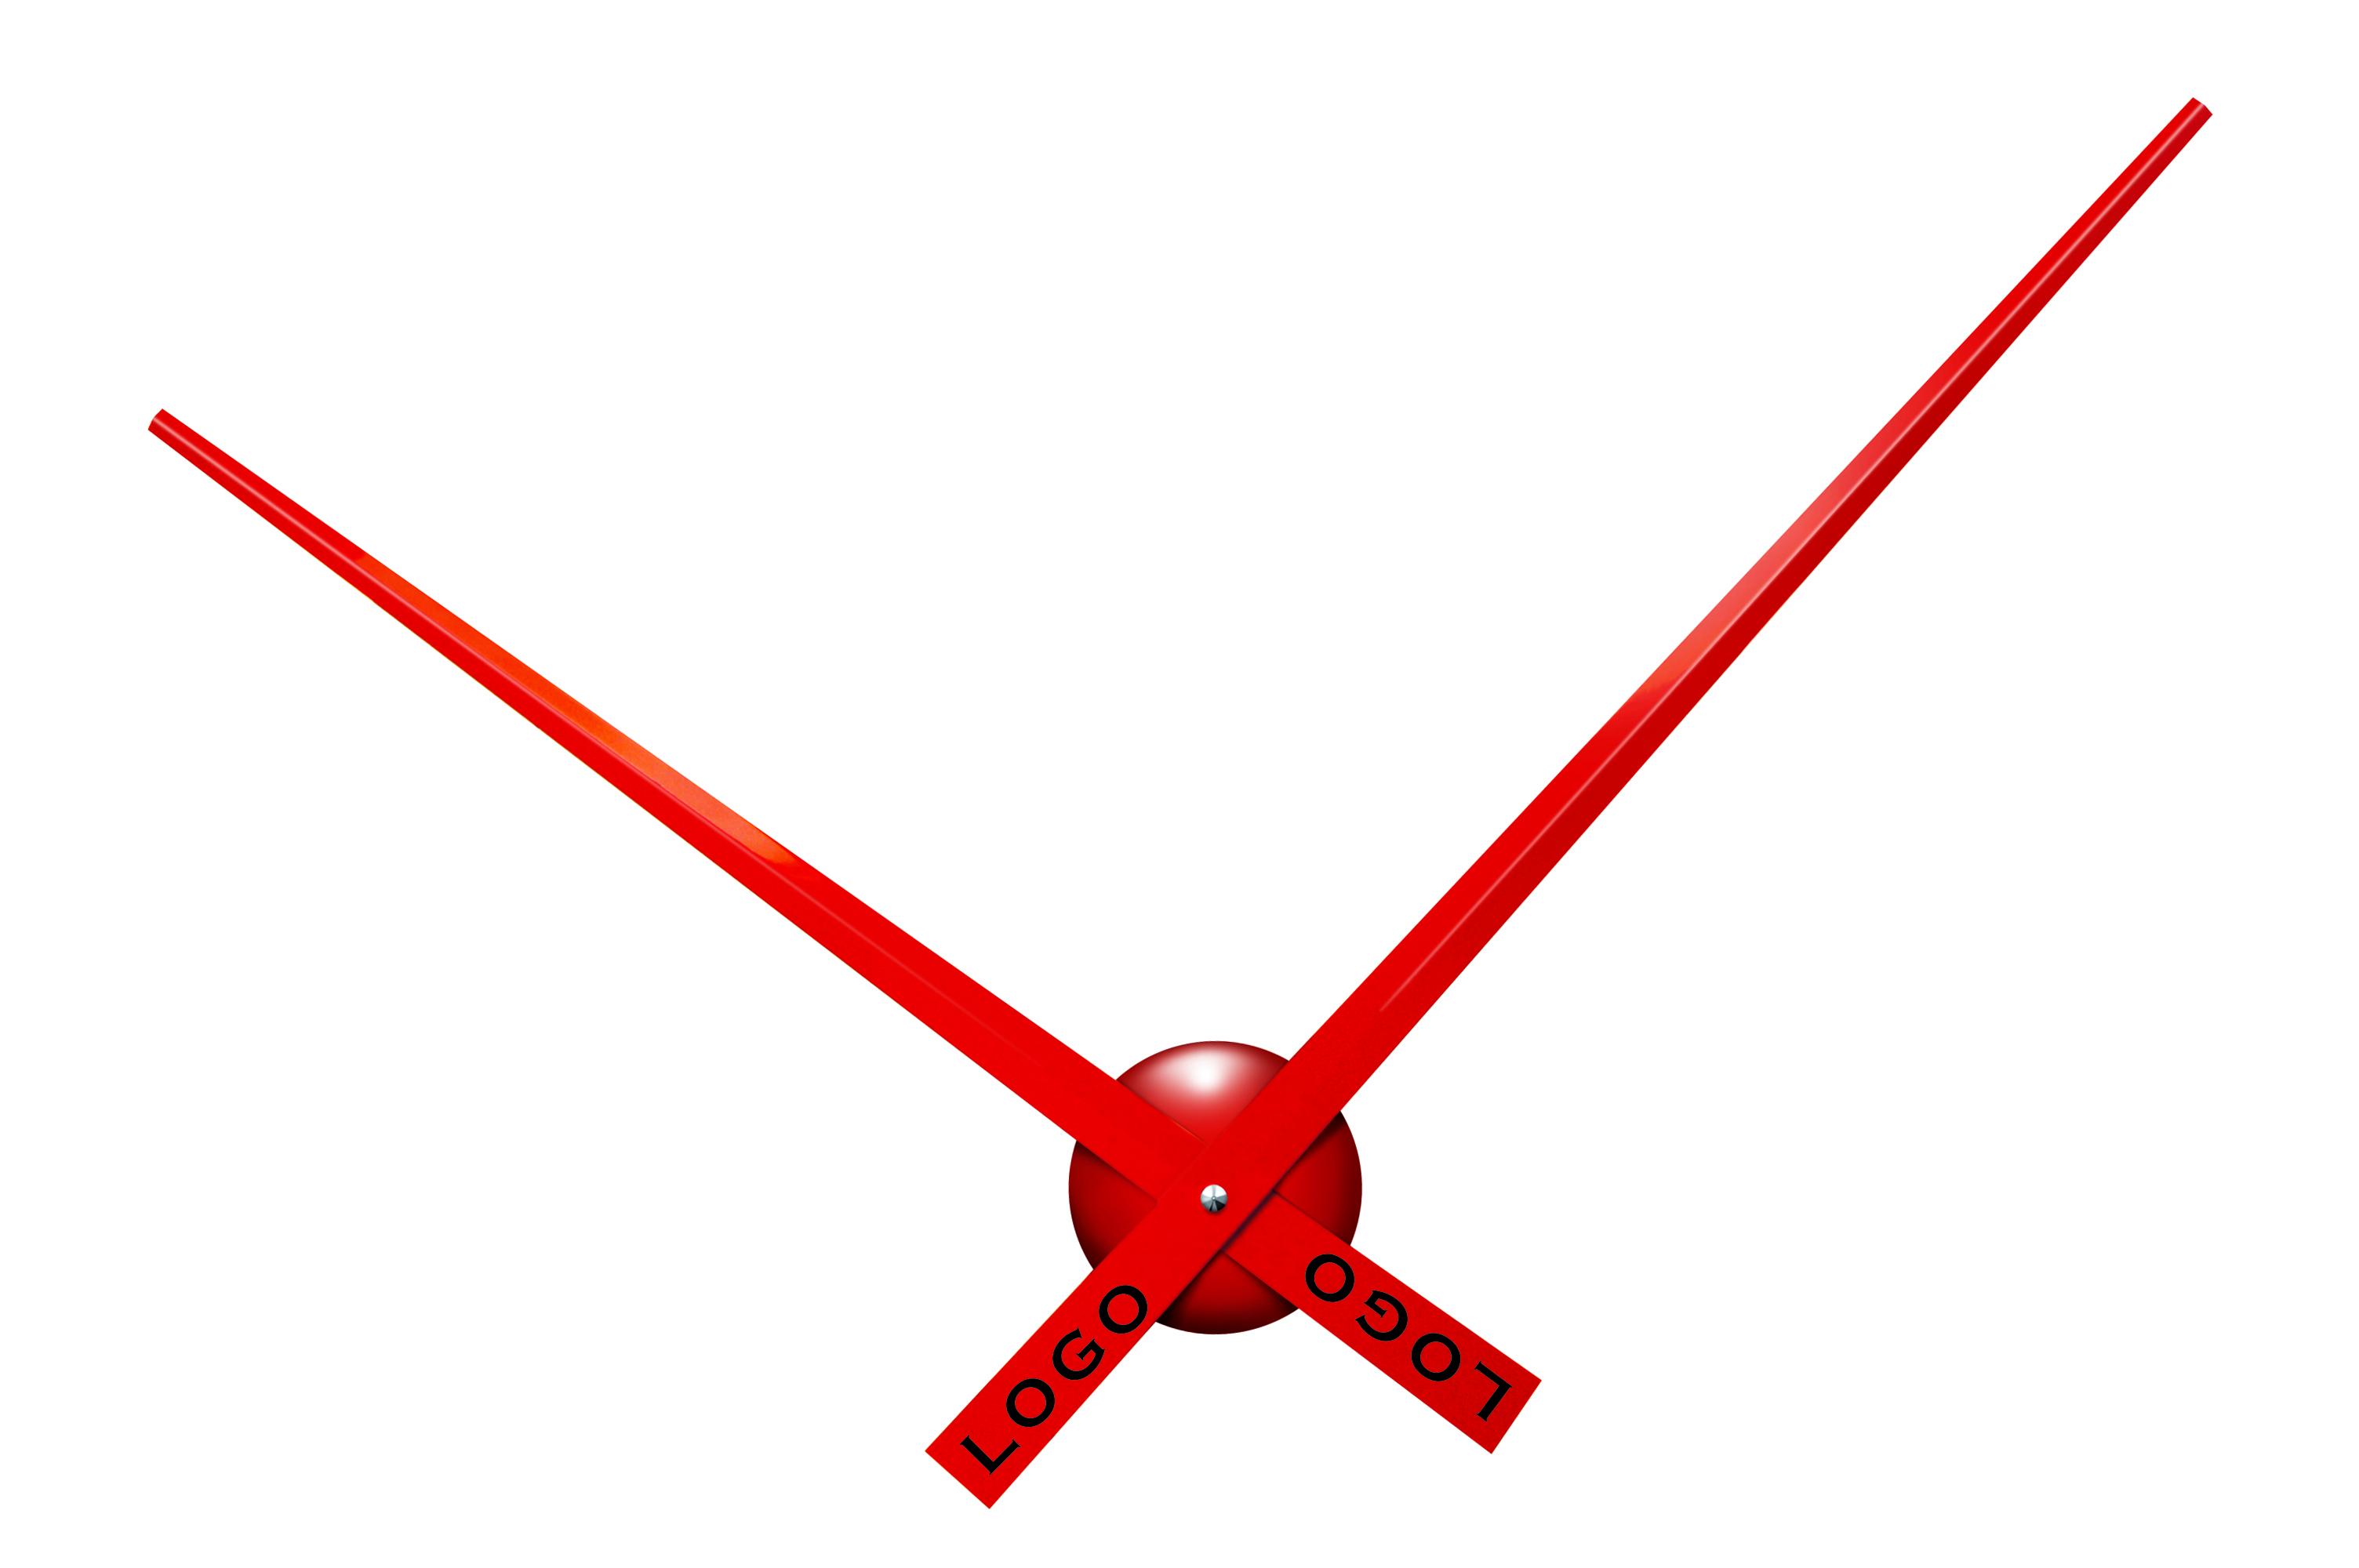 orologi-da-parete-promozionale-personalizzati-4